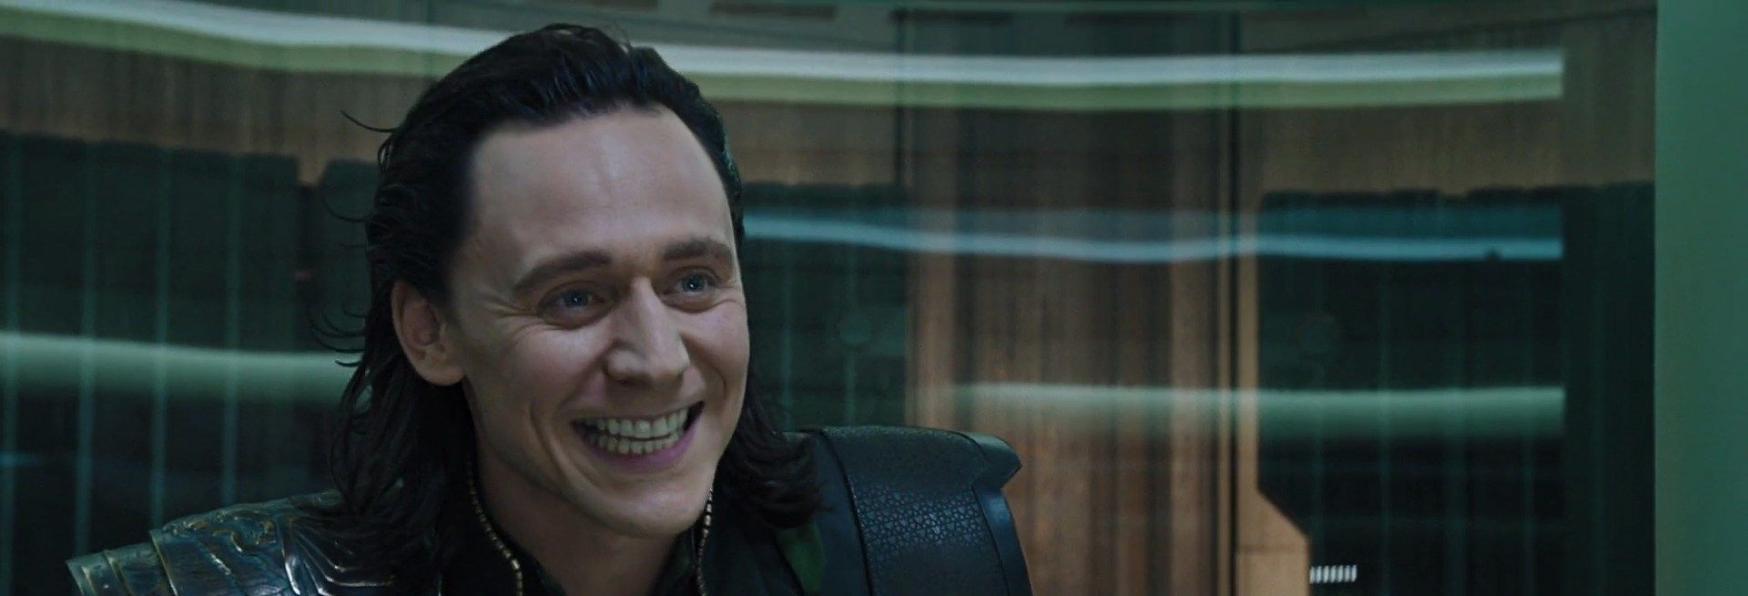 Loki 1x04: la vera Ragione dietro la Redenzione del Dio dell'Inganno